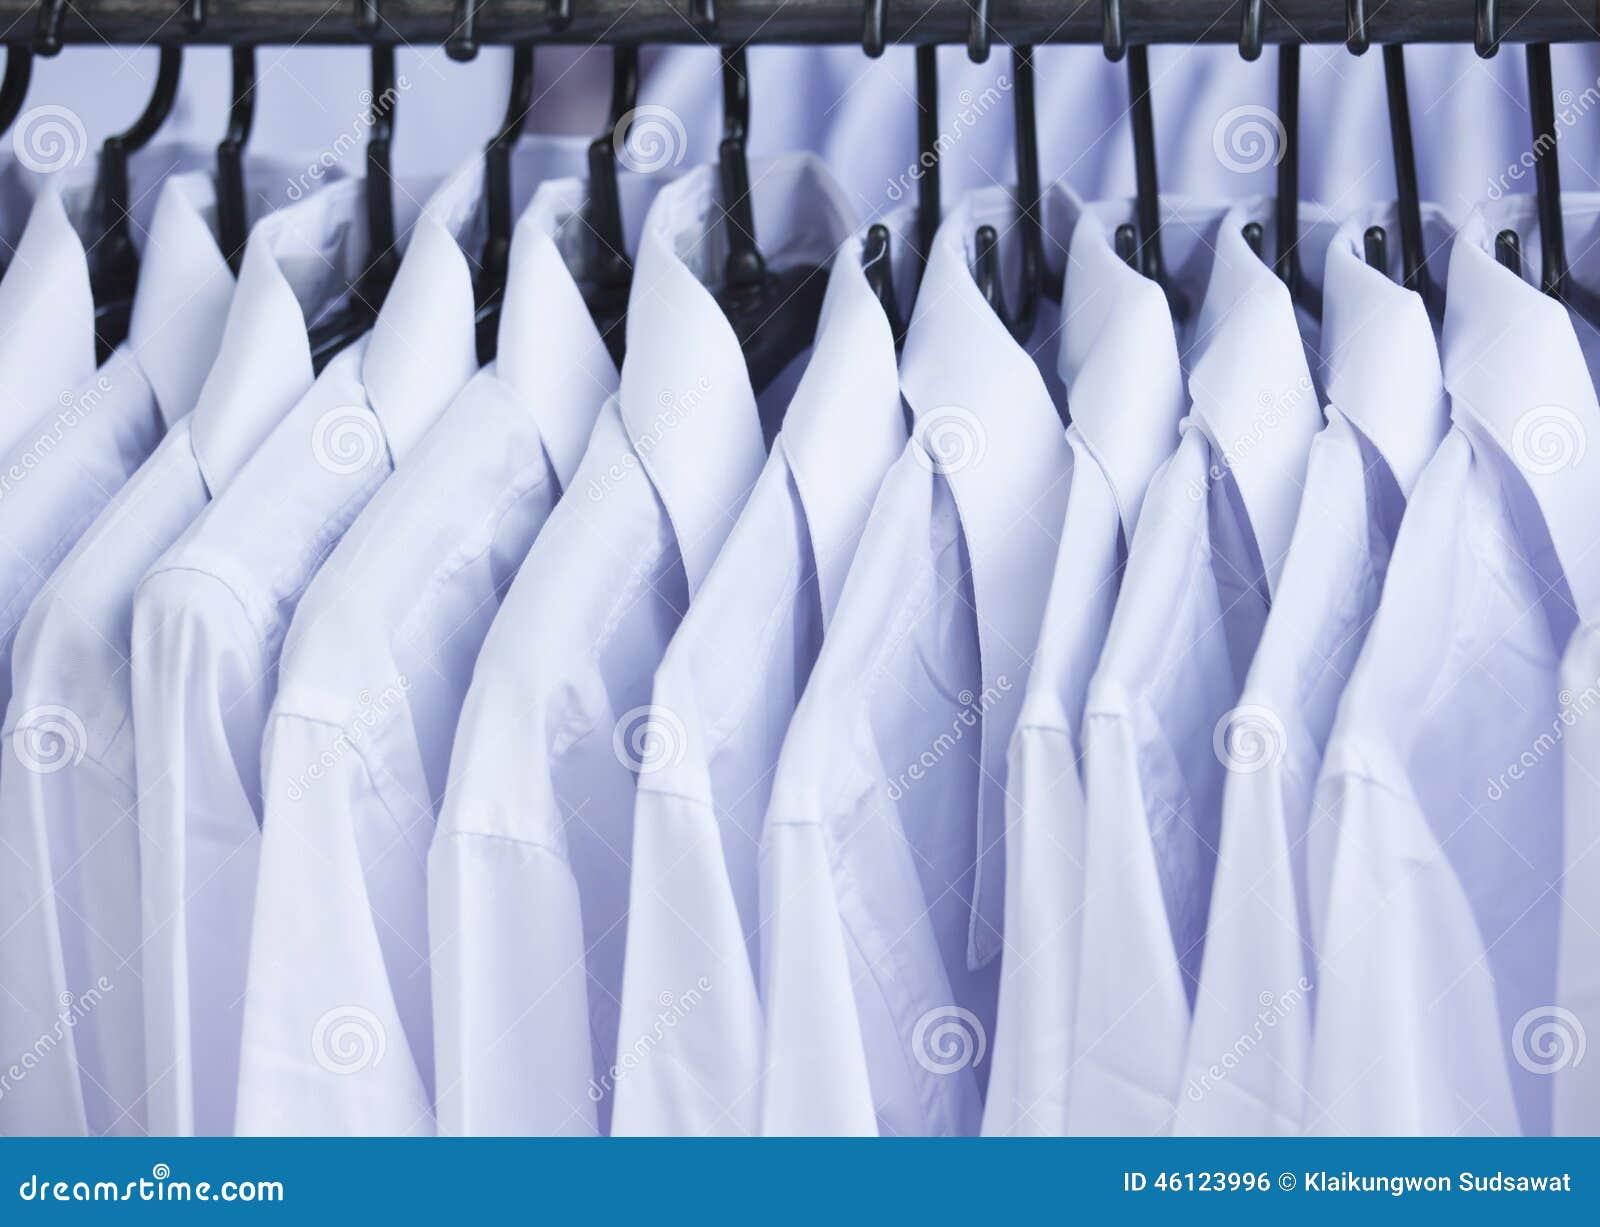 Weißes Hemd Mit Kleiderbügel Für Verkauf Stockfoto - Bild: 46123996